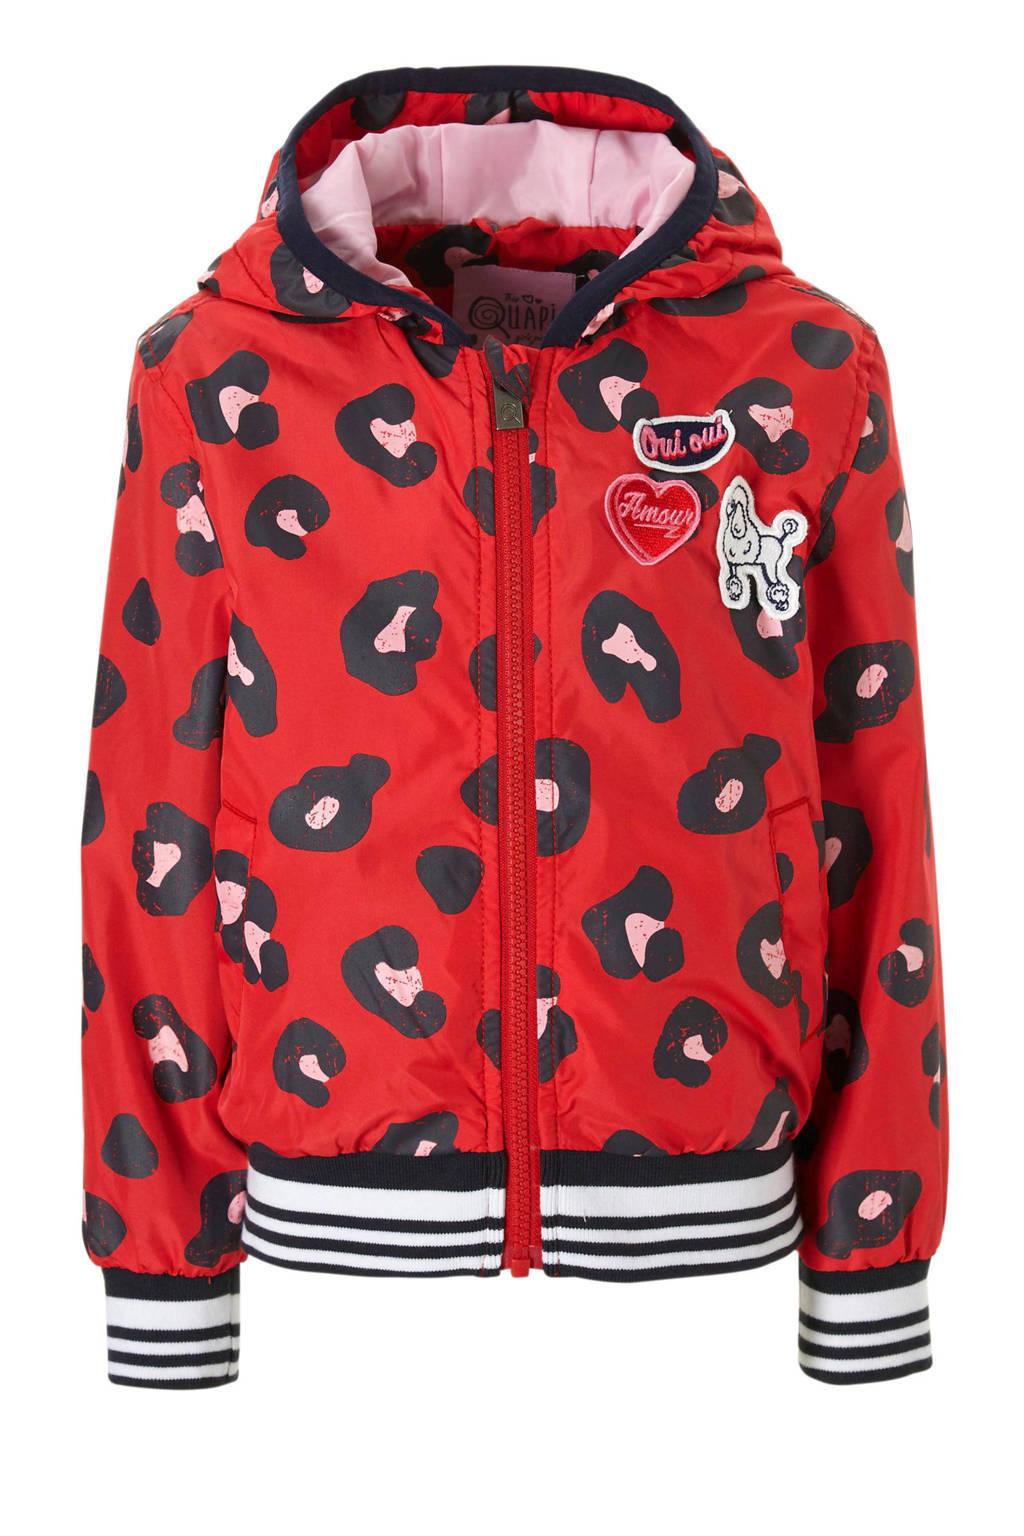 Quapi zomerjas met panterprint Sarella rood, Rood/zwart/roze